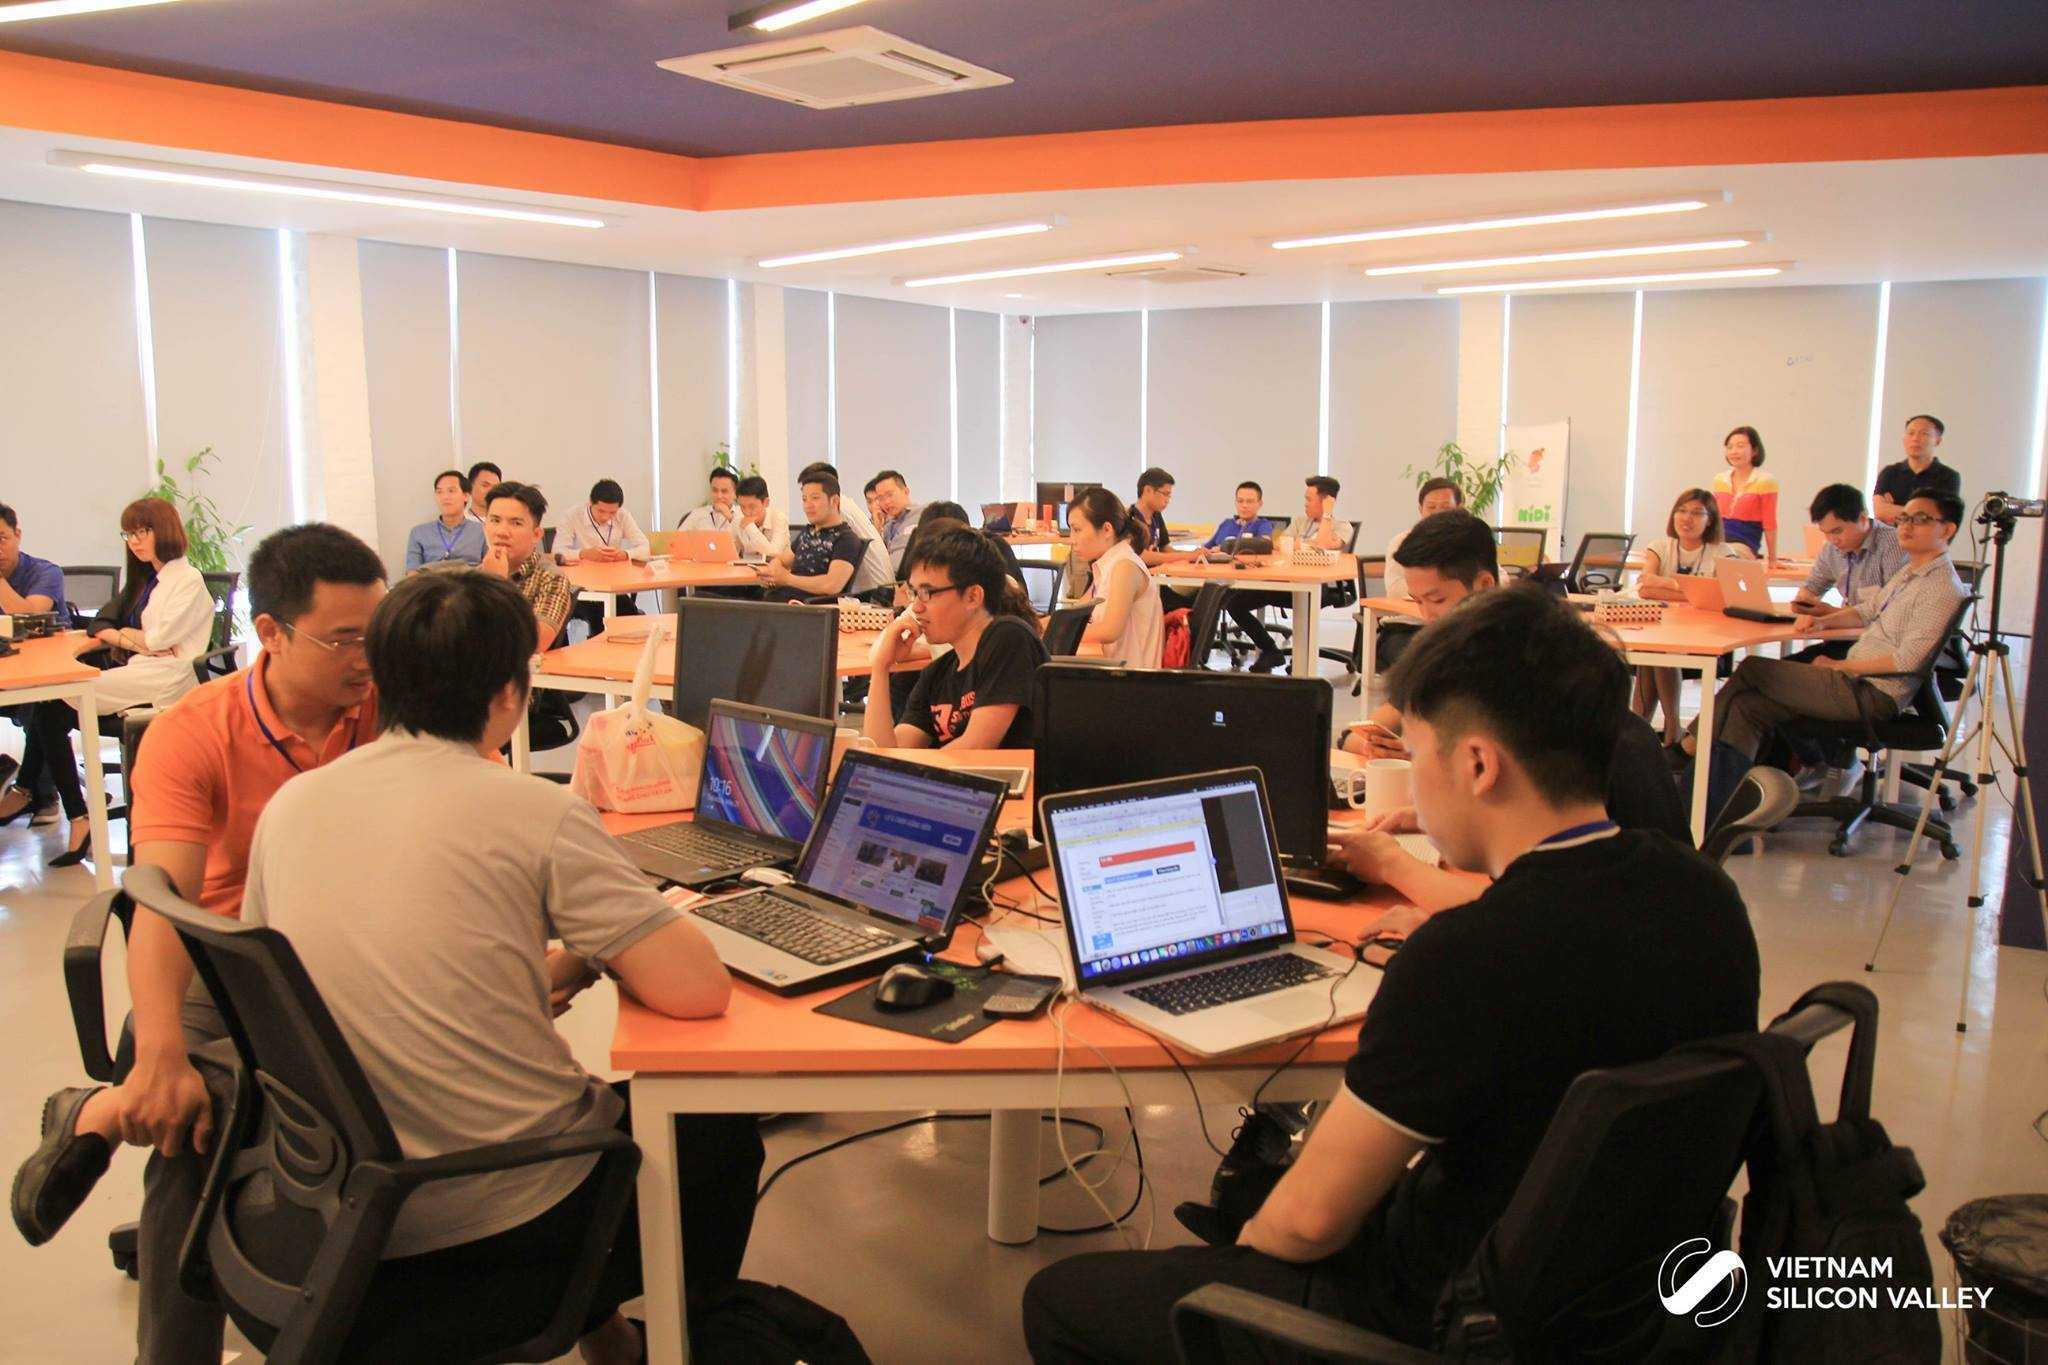 Hon 8 ty dong da san sang cho cac nhom Startup hinh anh 2